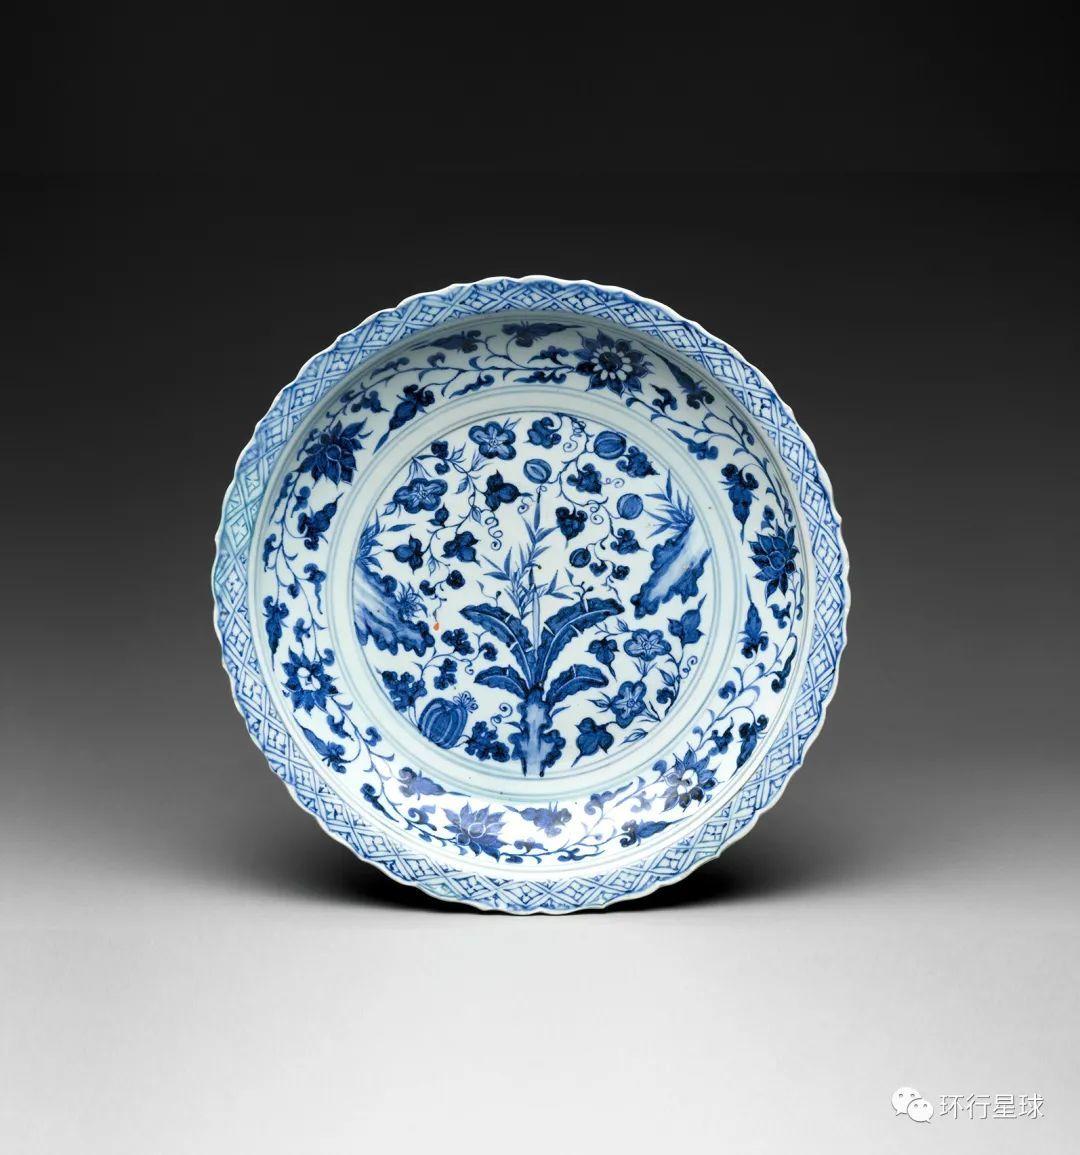 直径40厘米左右的大盘。青花瓷大盘在穆斯林国家很受欢迎,通常用于向成群的食客提供食物。